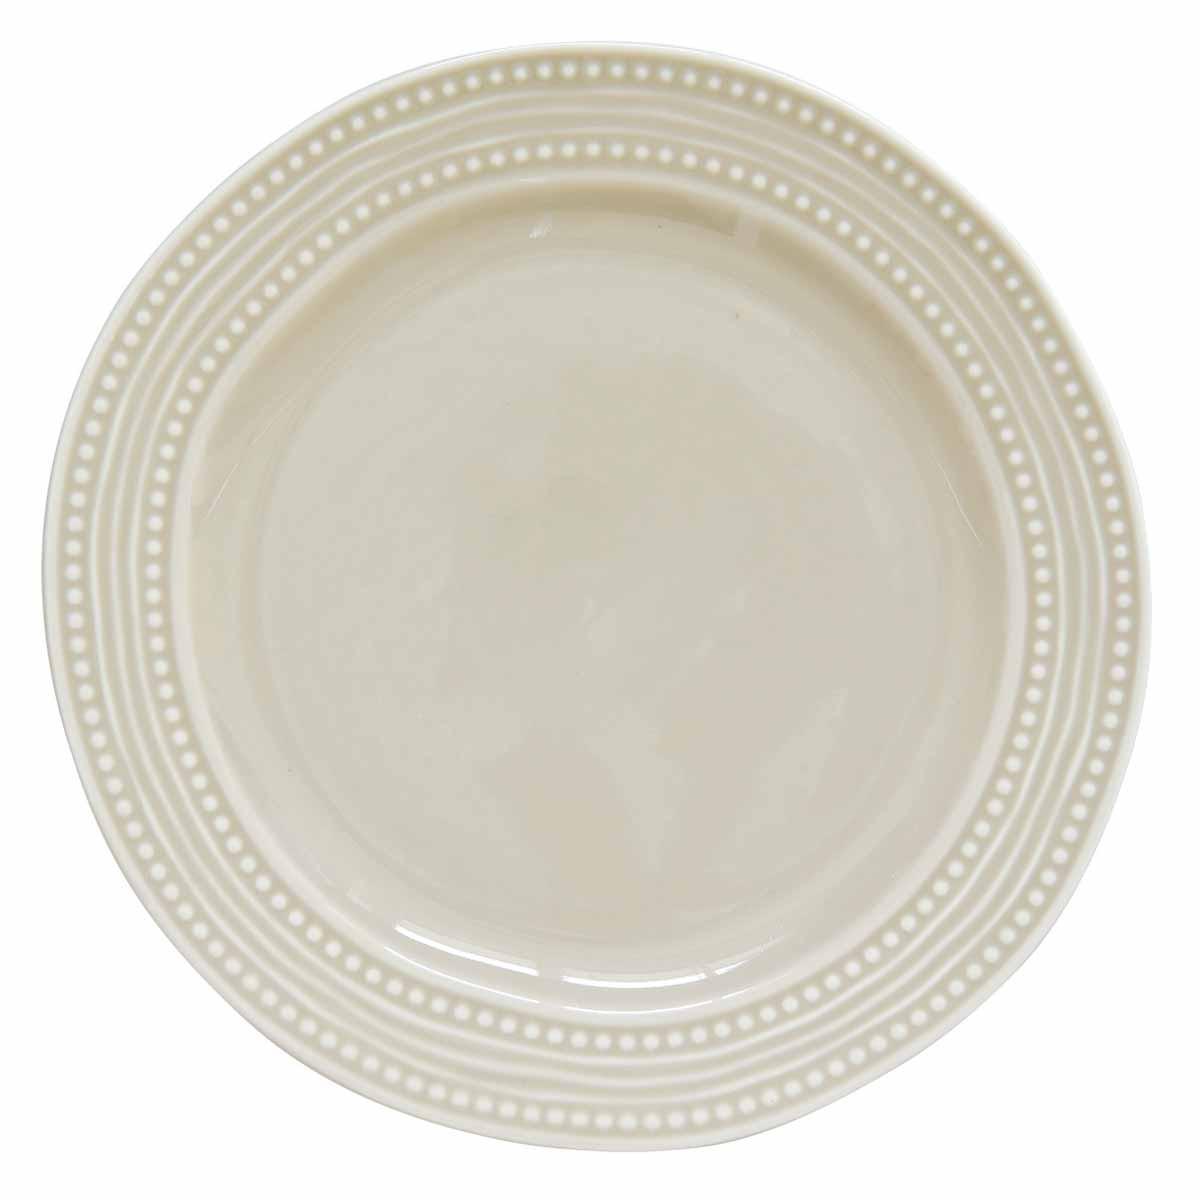 Πιάτο Ρηχό Φαγητού Marva Abitare L.Grey 1860ΑΒLG